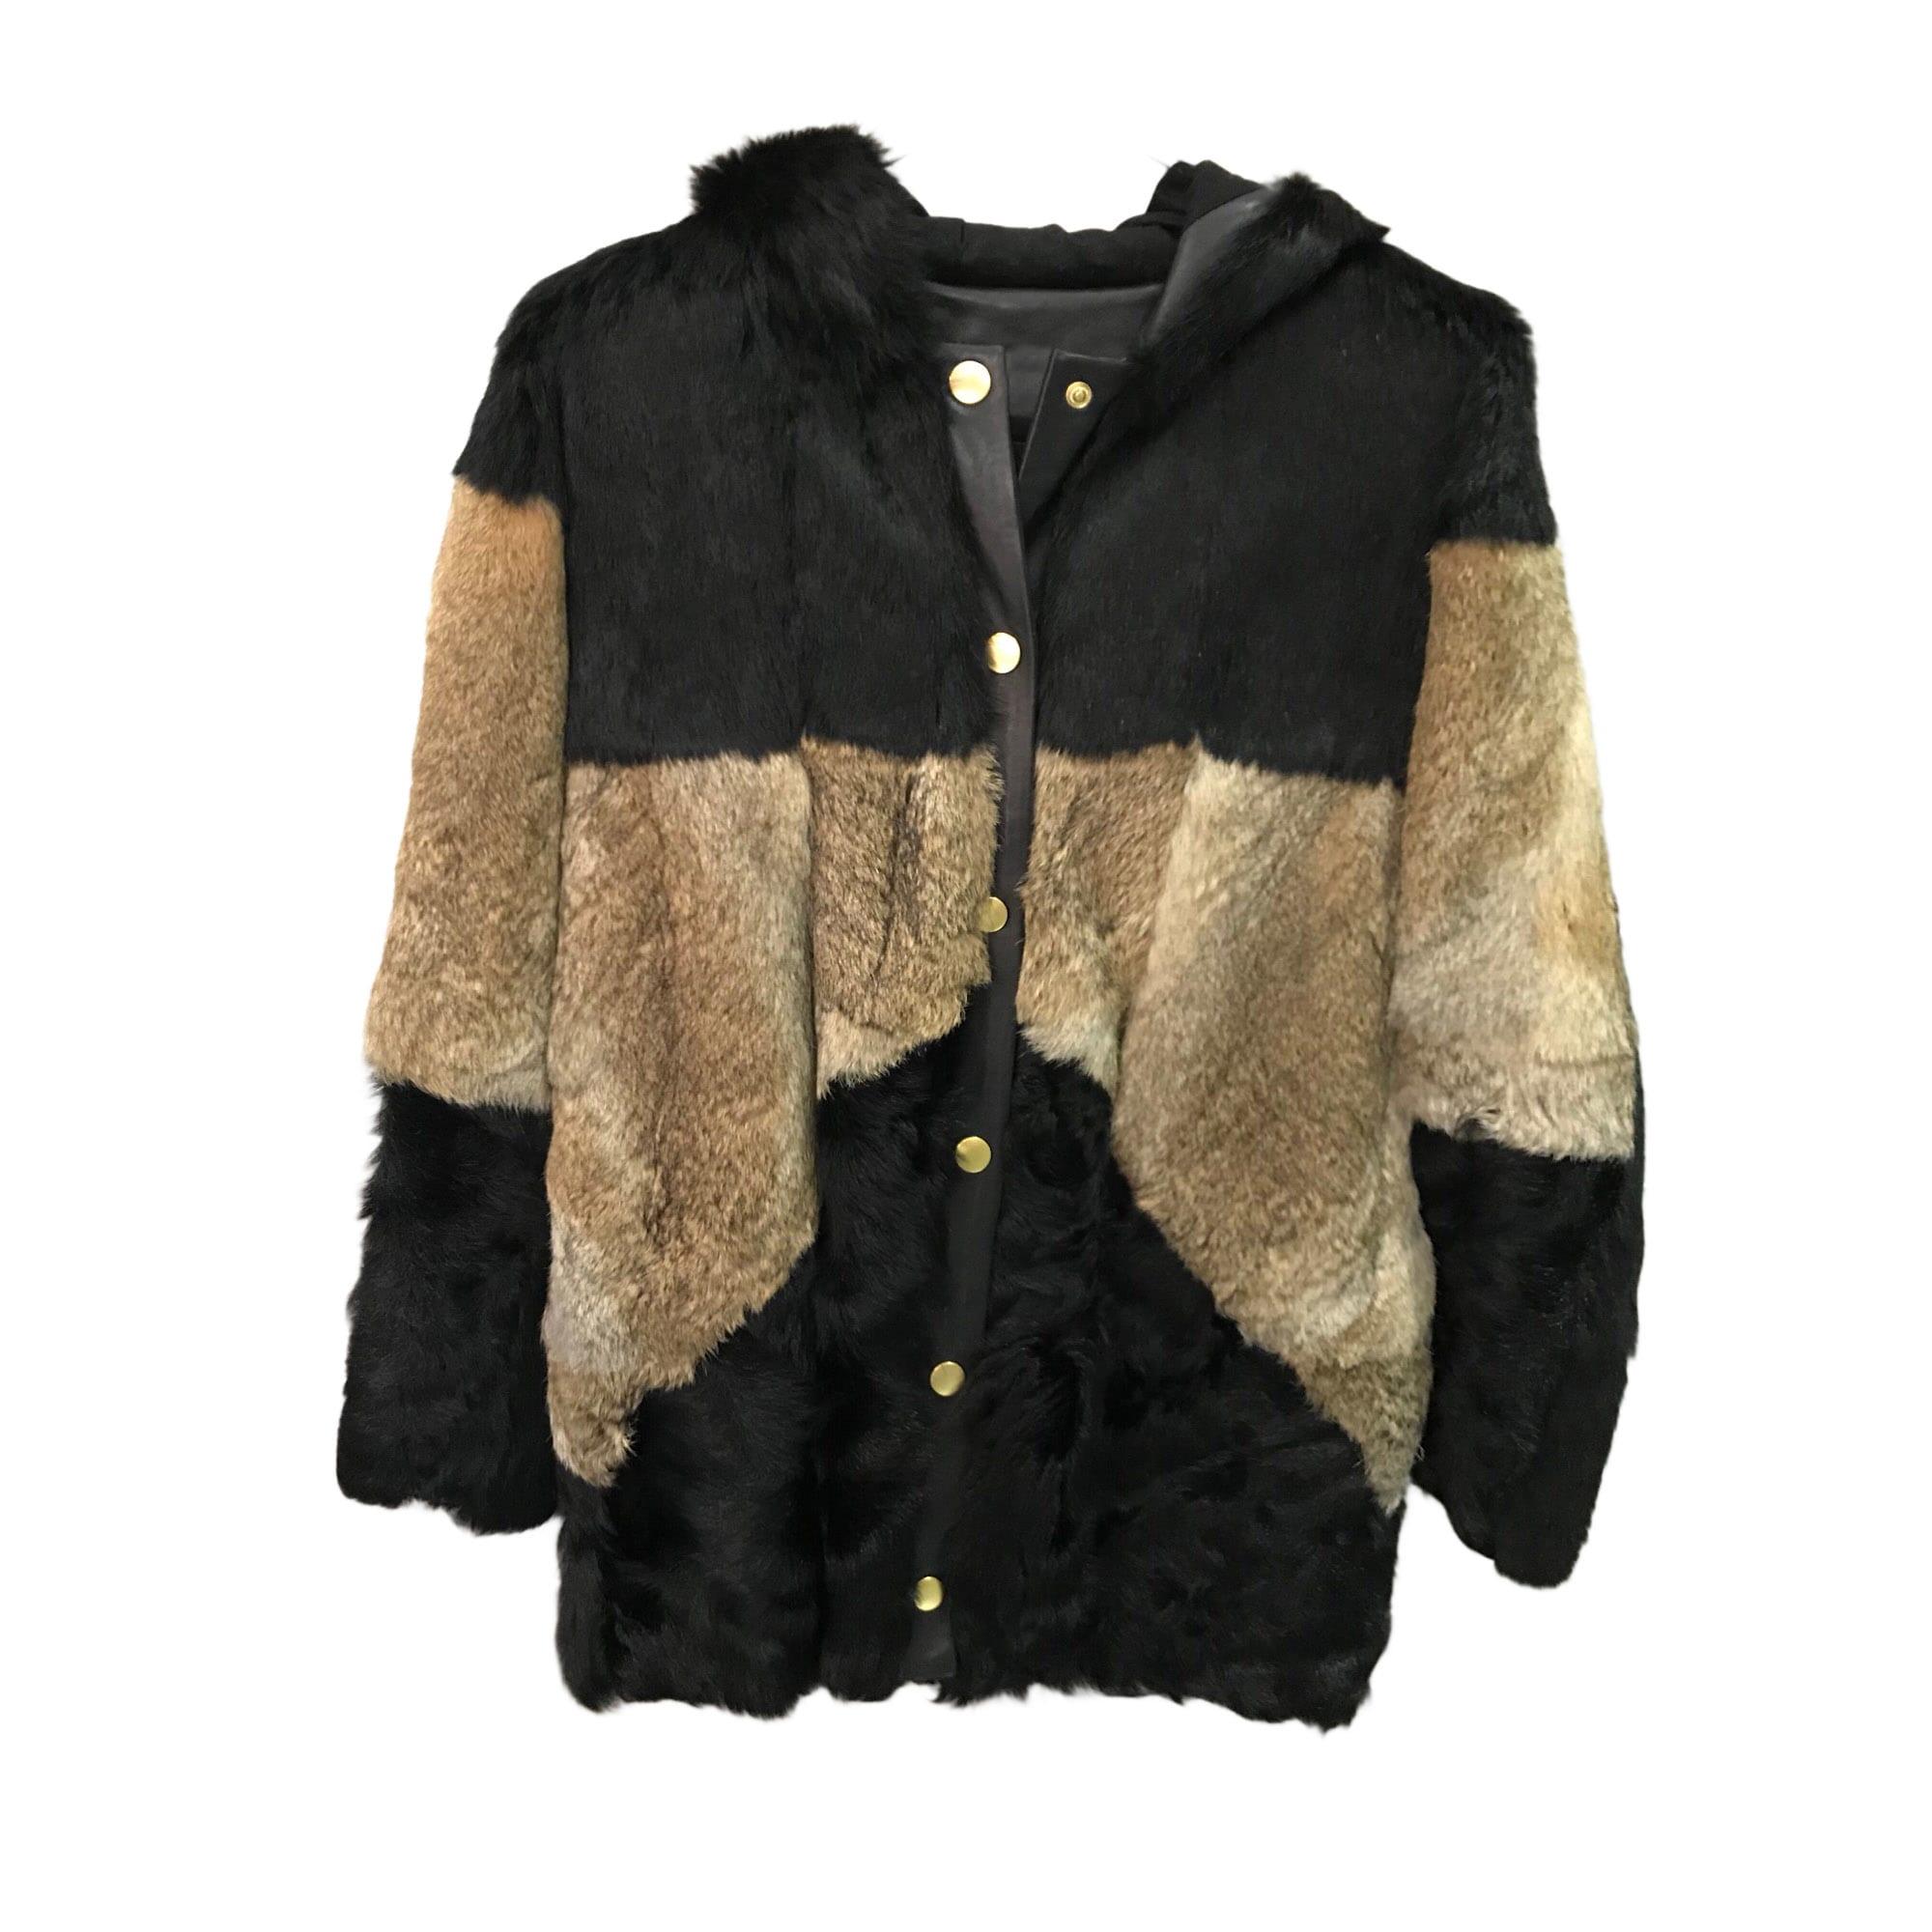 Manteau en fourrure MAJE 38 (M, T2) noir - 8075009 7cb2dd39d80